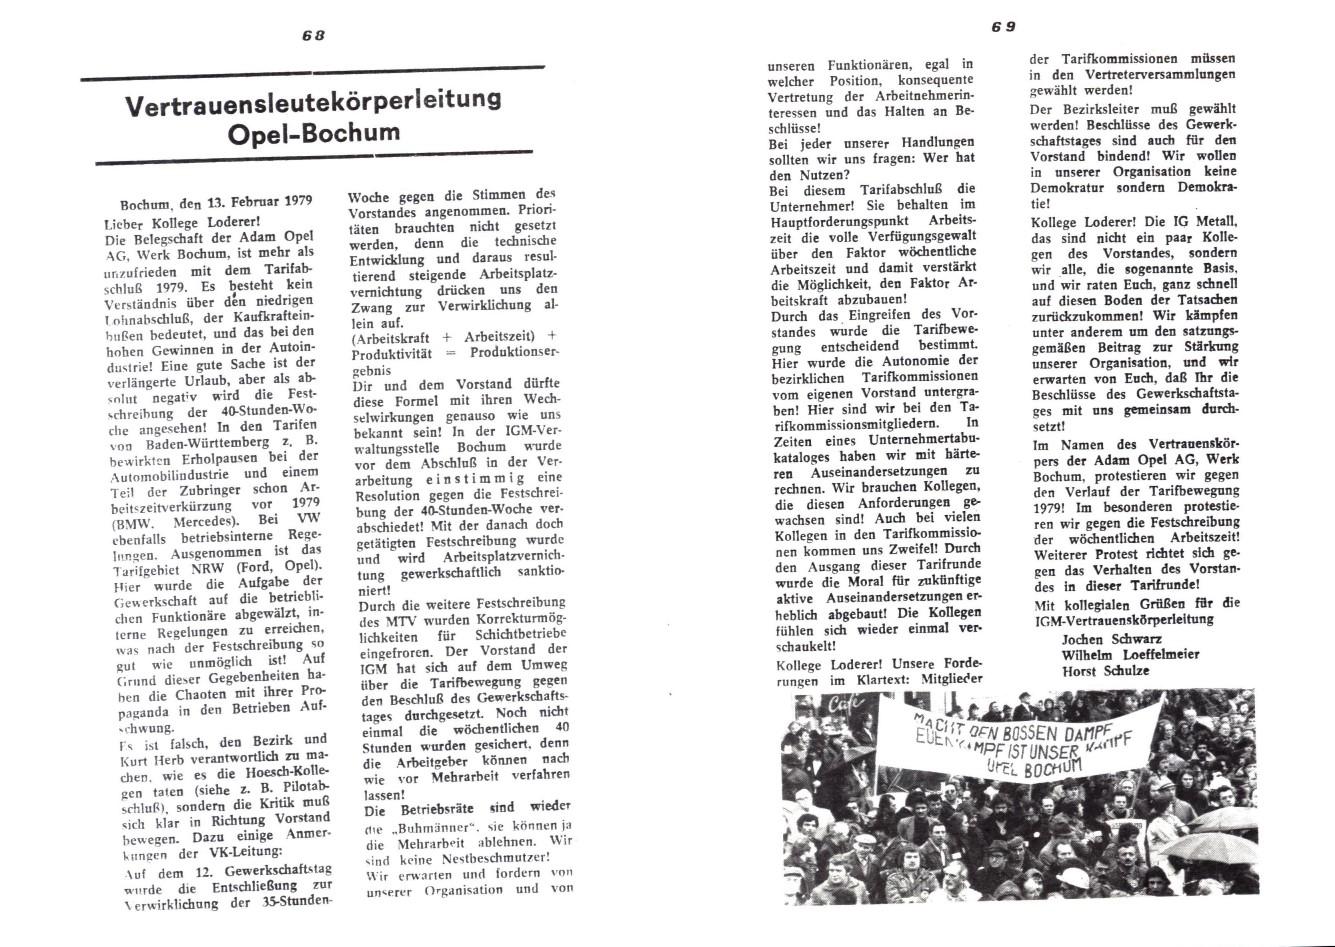 KPDAO_1979_Streik_in_der_Stahlindustrie_36